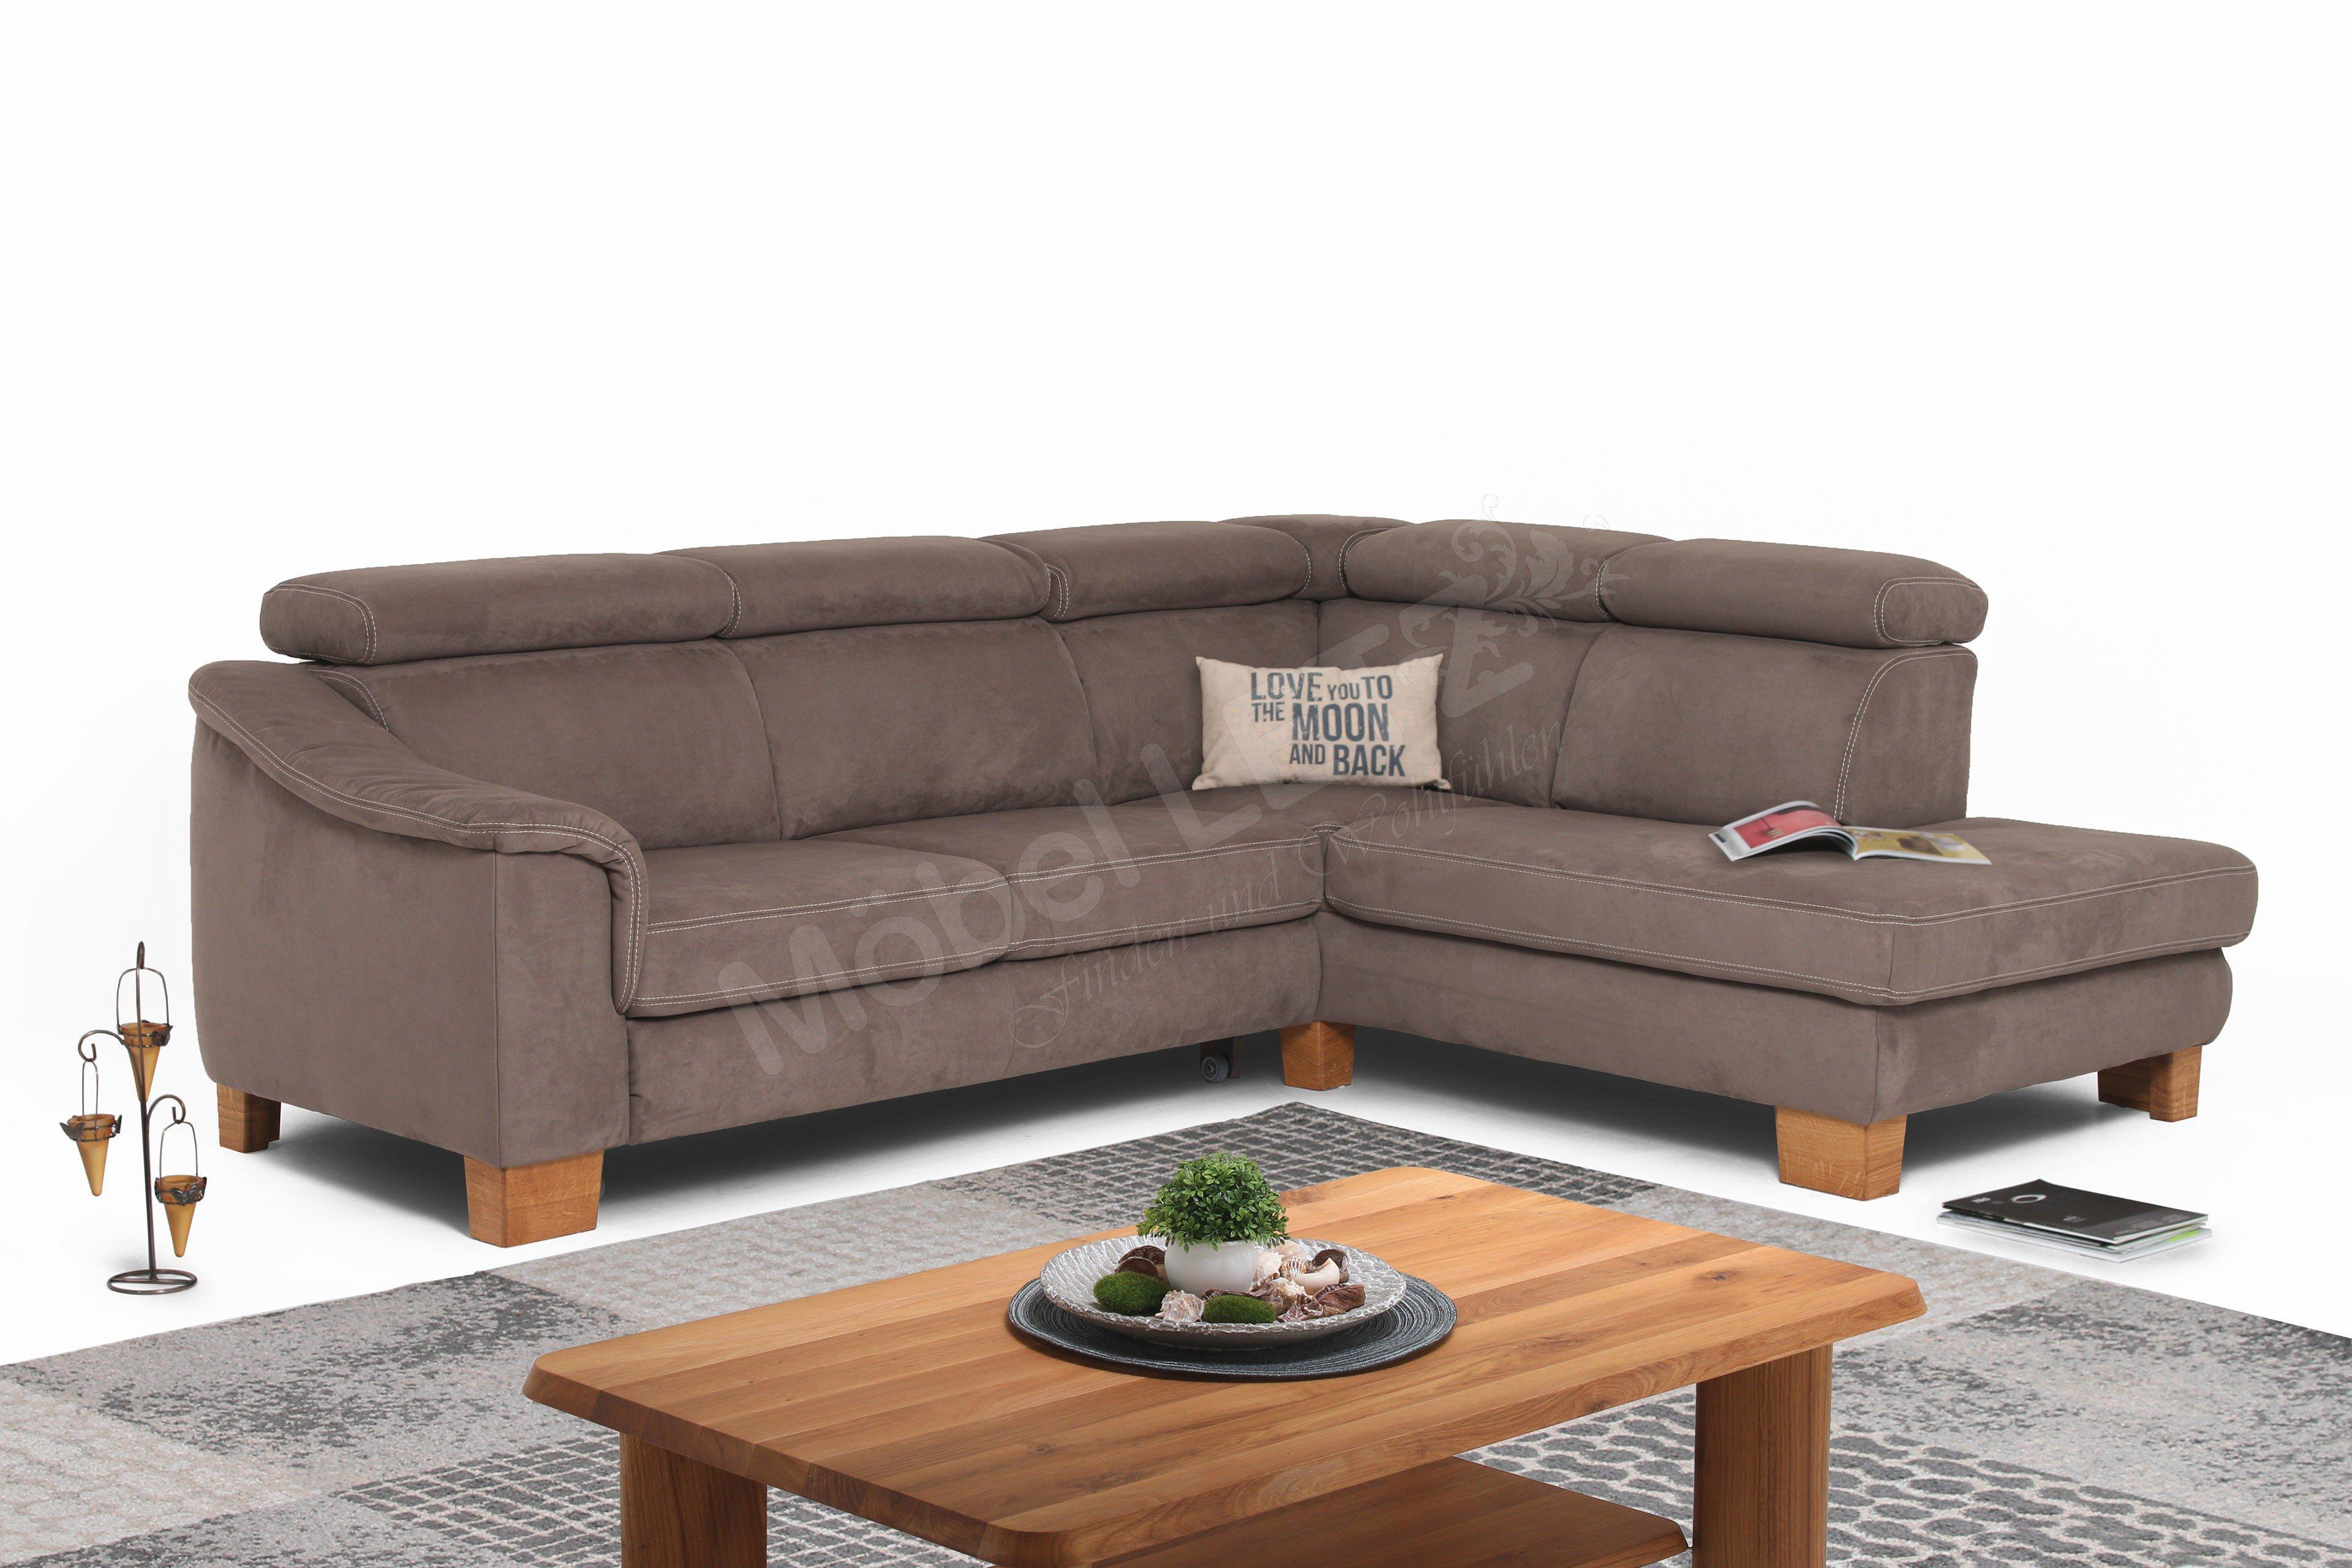 carina heaven polstergarnitur in braun m bel letz ihr. Black Bedroom Furniture Sets. Home Design Ideas